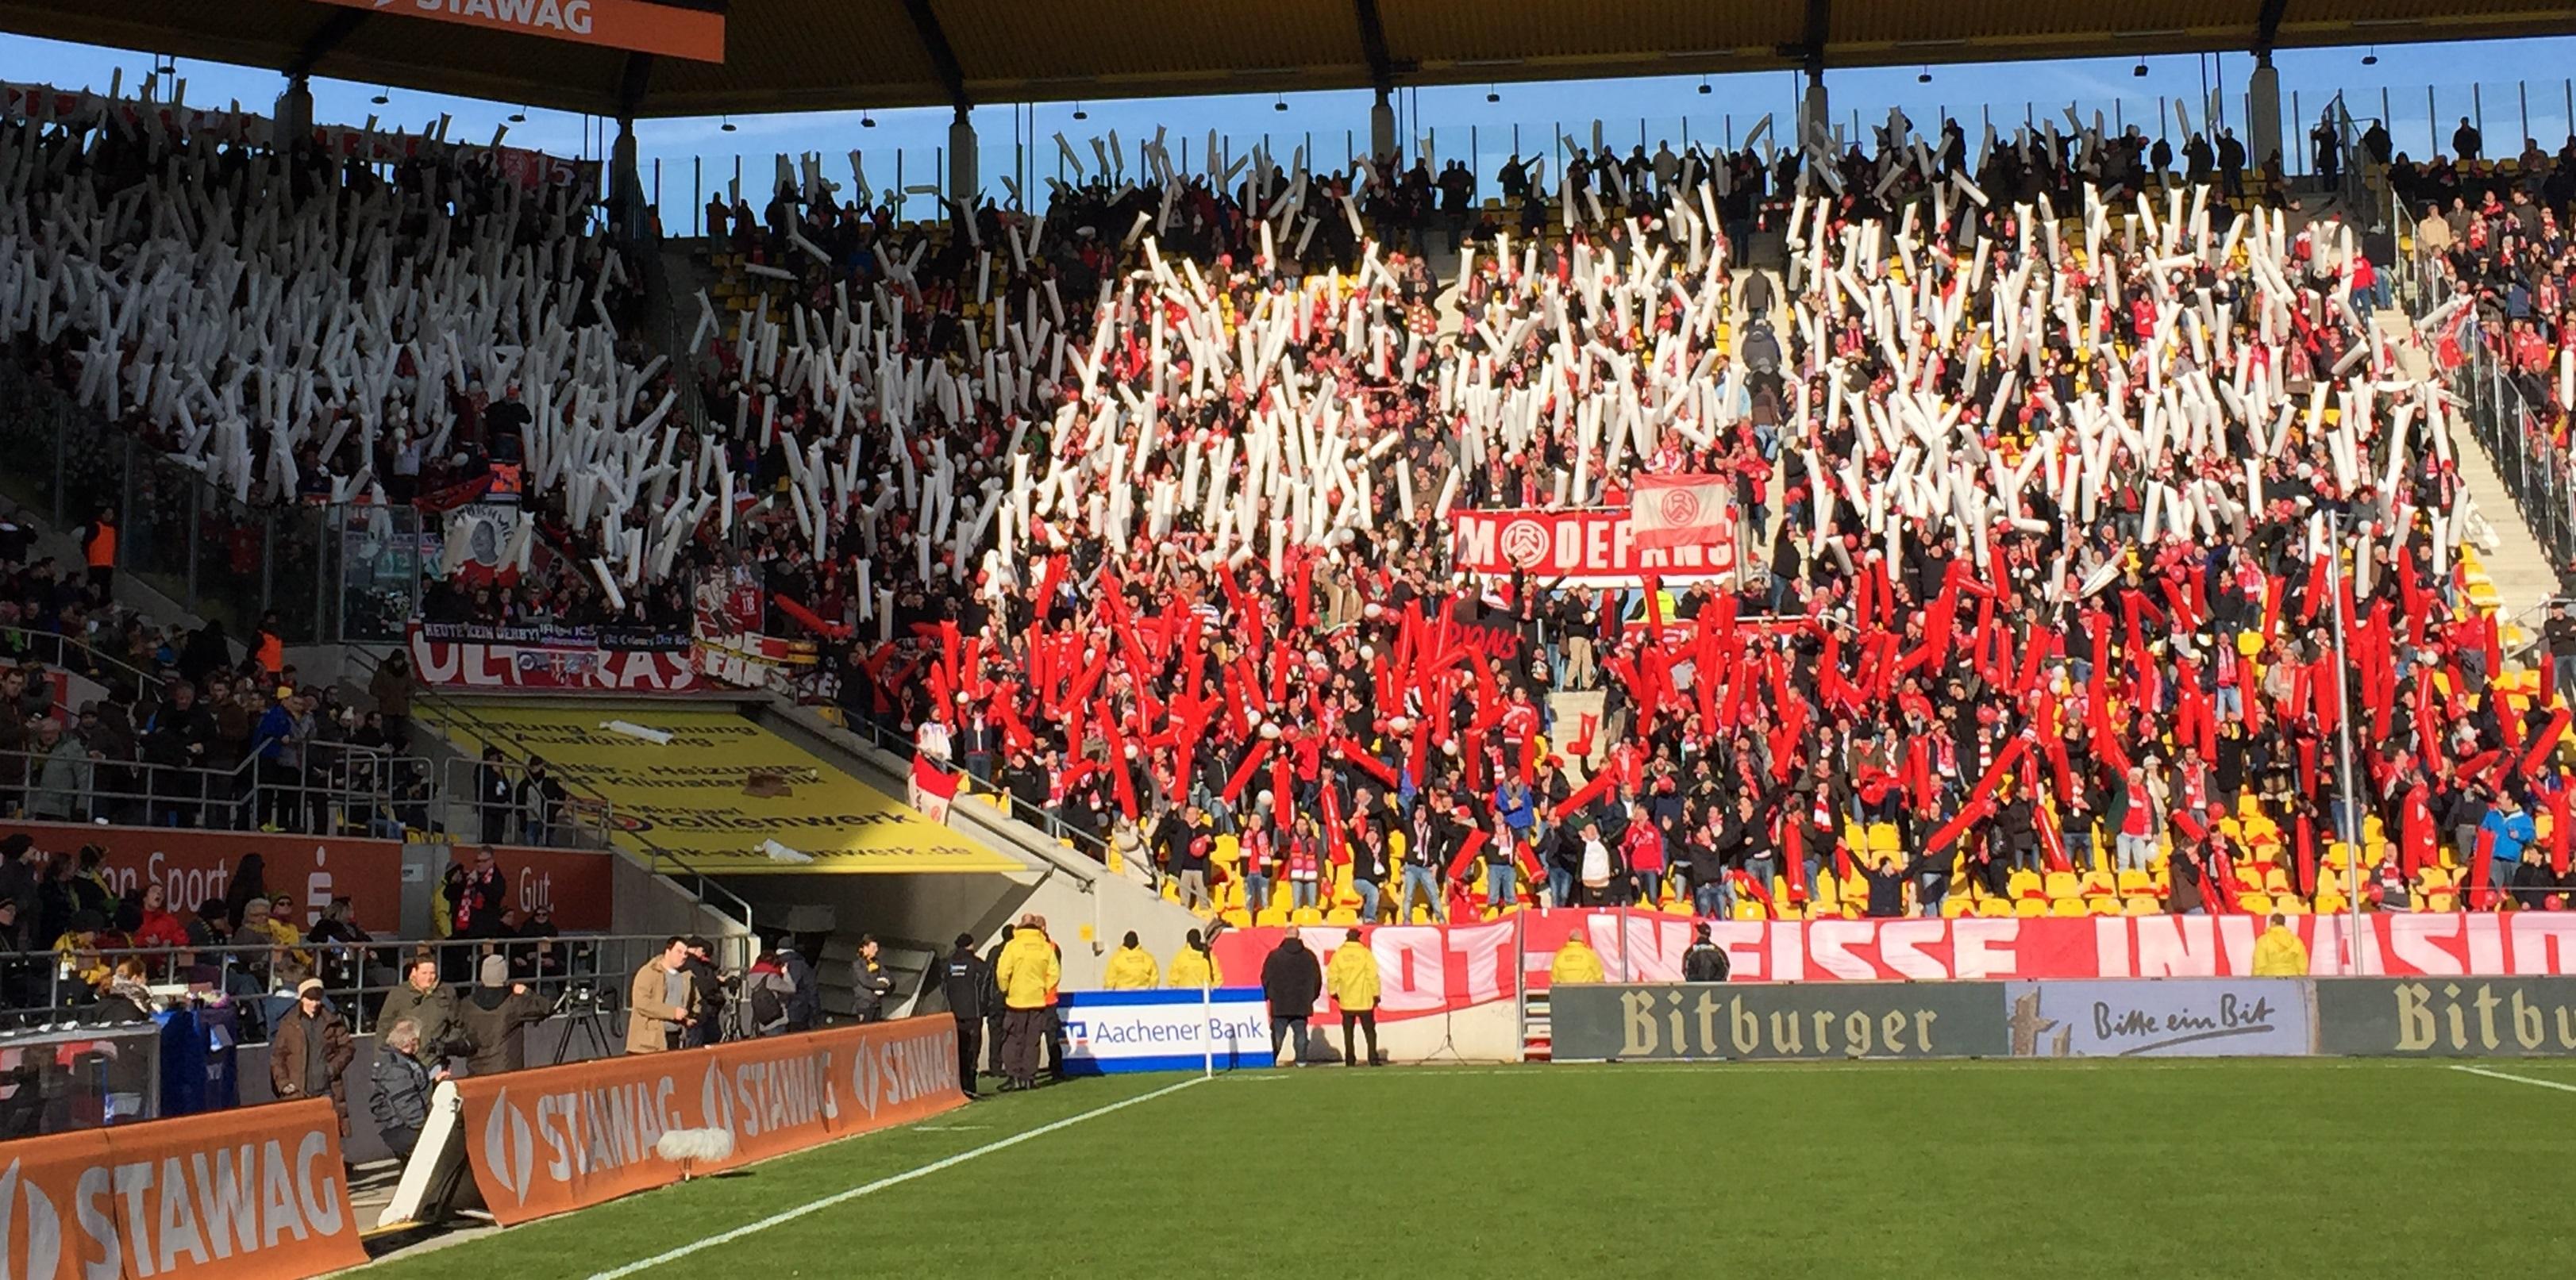 Am kommenden Samstag reist Rot-Weiss Essen zum Auswärtsspiel nach Aachen.